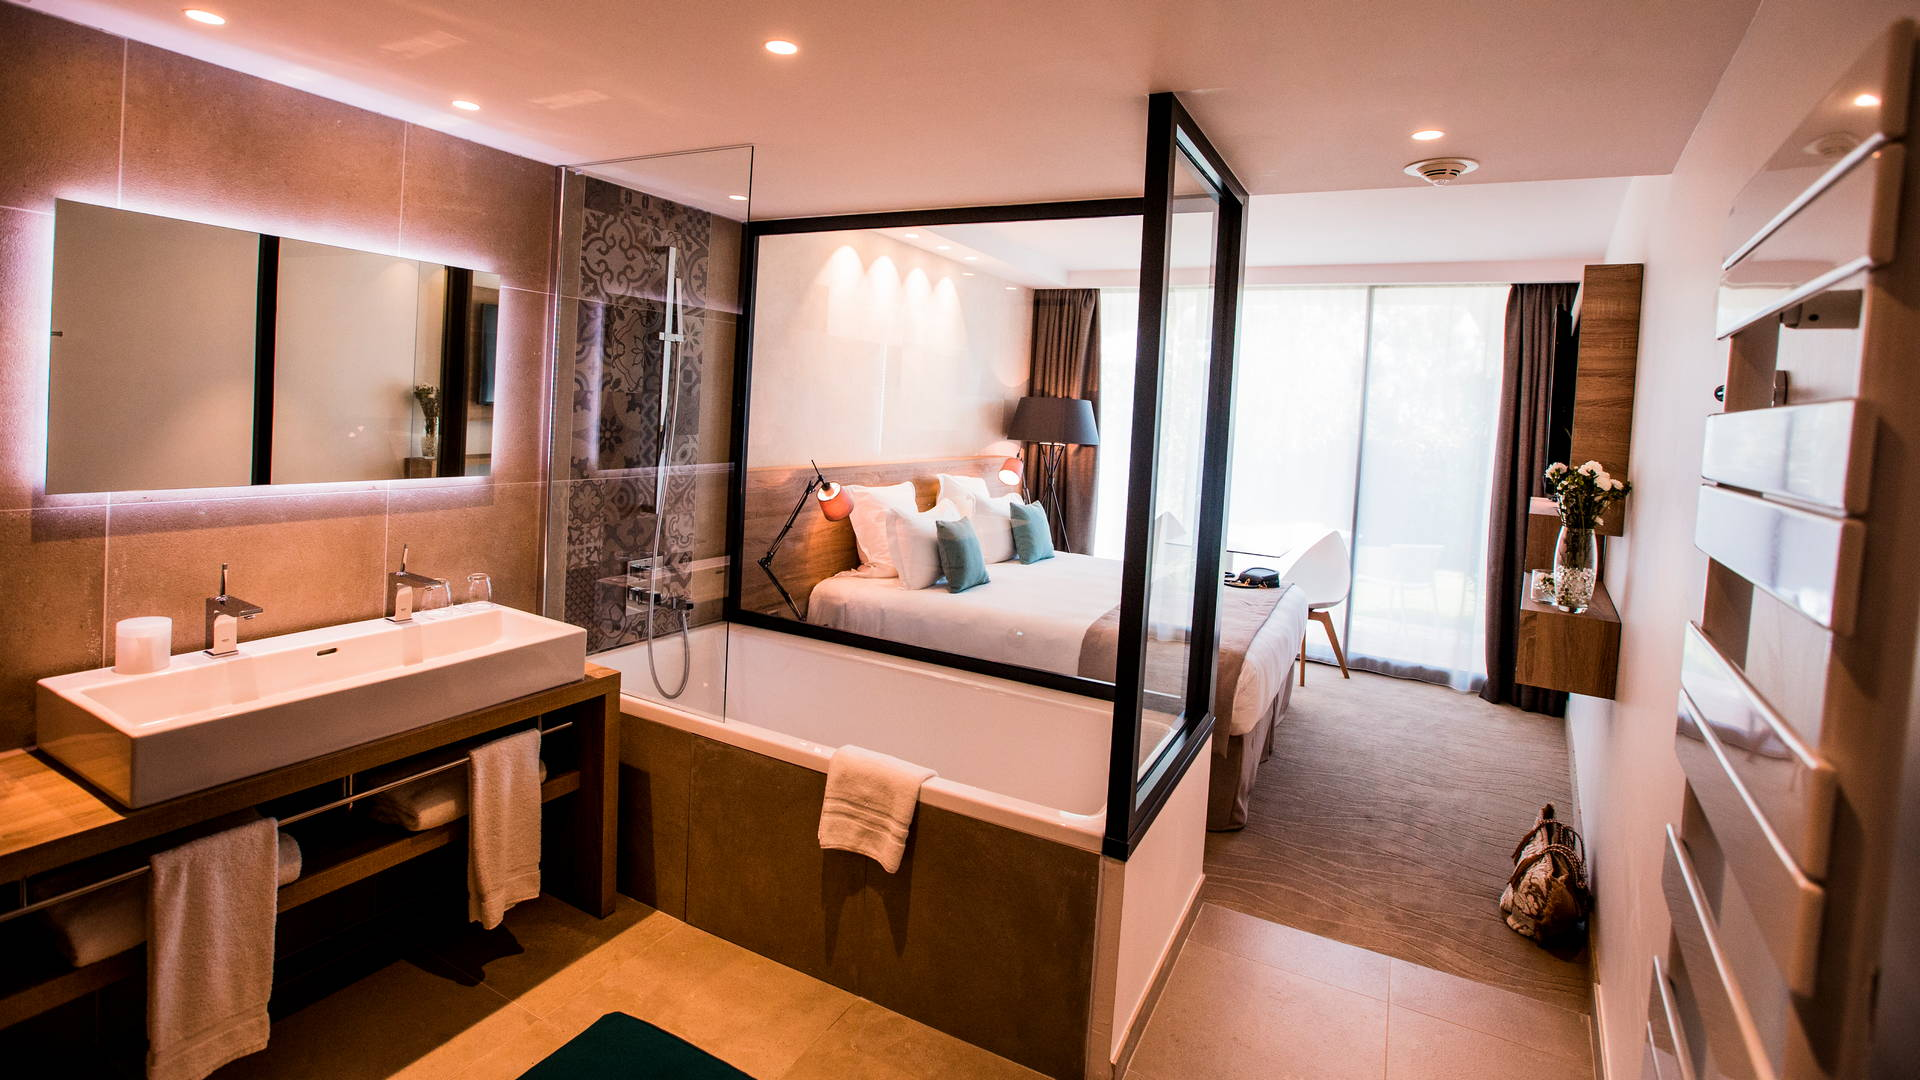 Chambre classique avec salle de bain dans la même pièce que la chambre, hôtel de charme bord de mer, Hôtel La Plage.